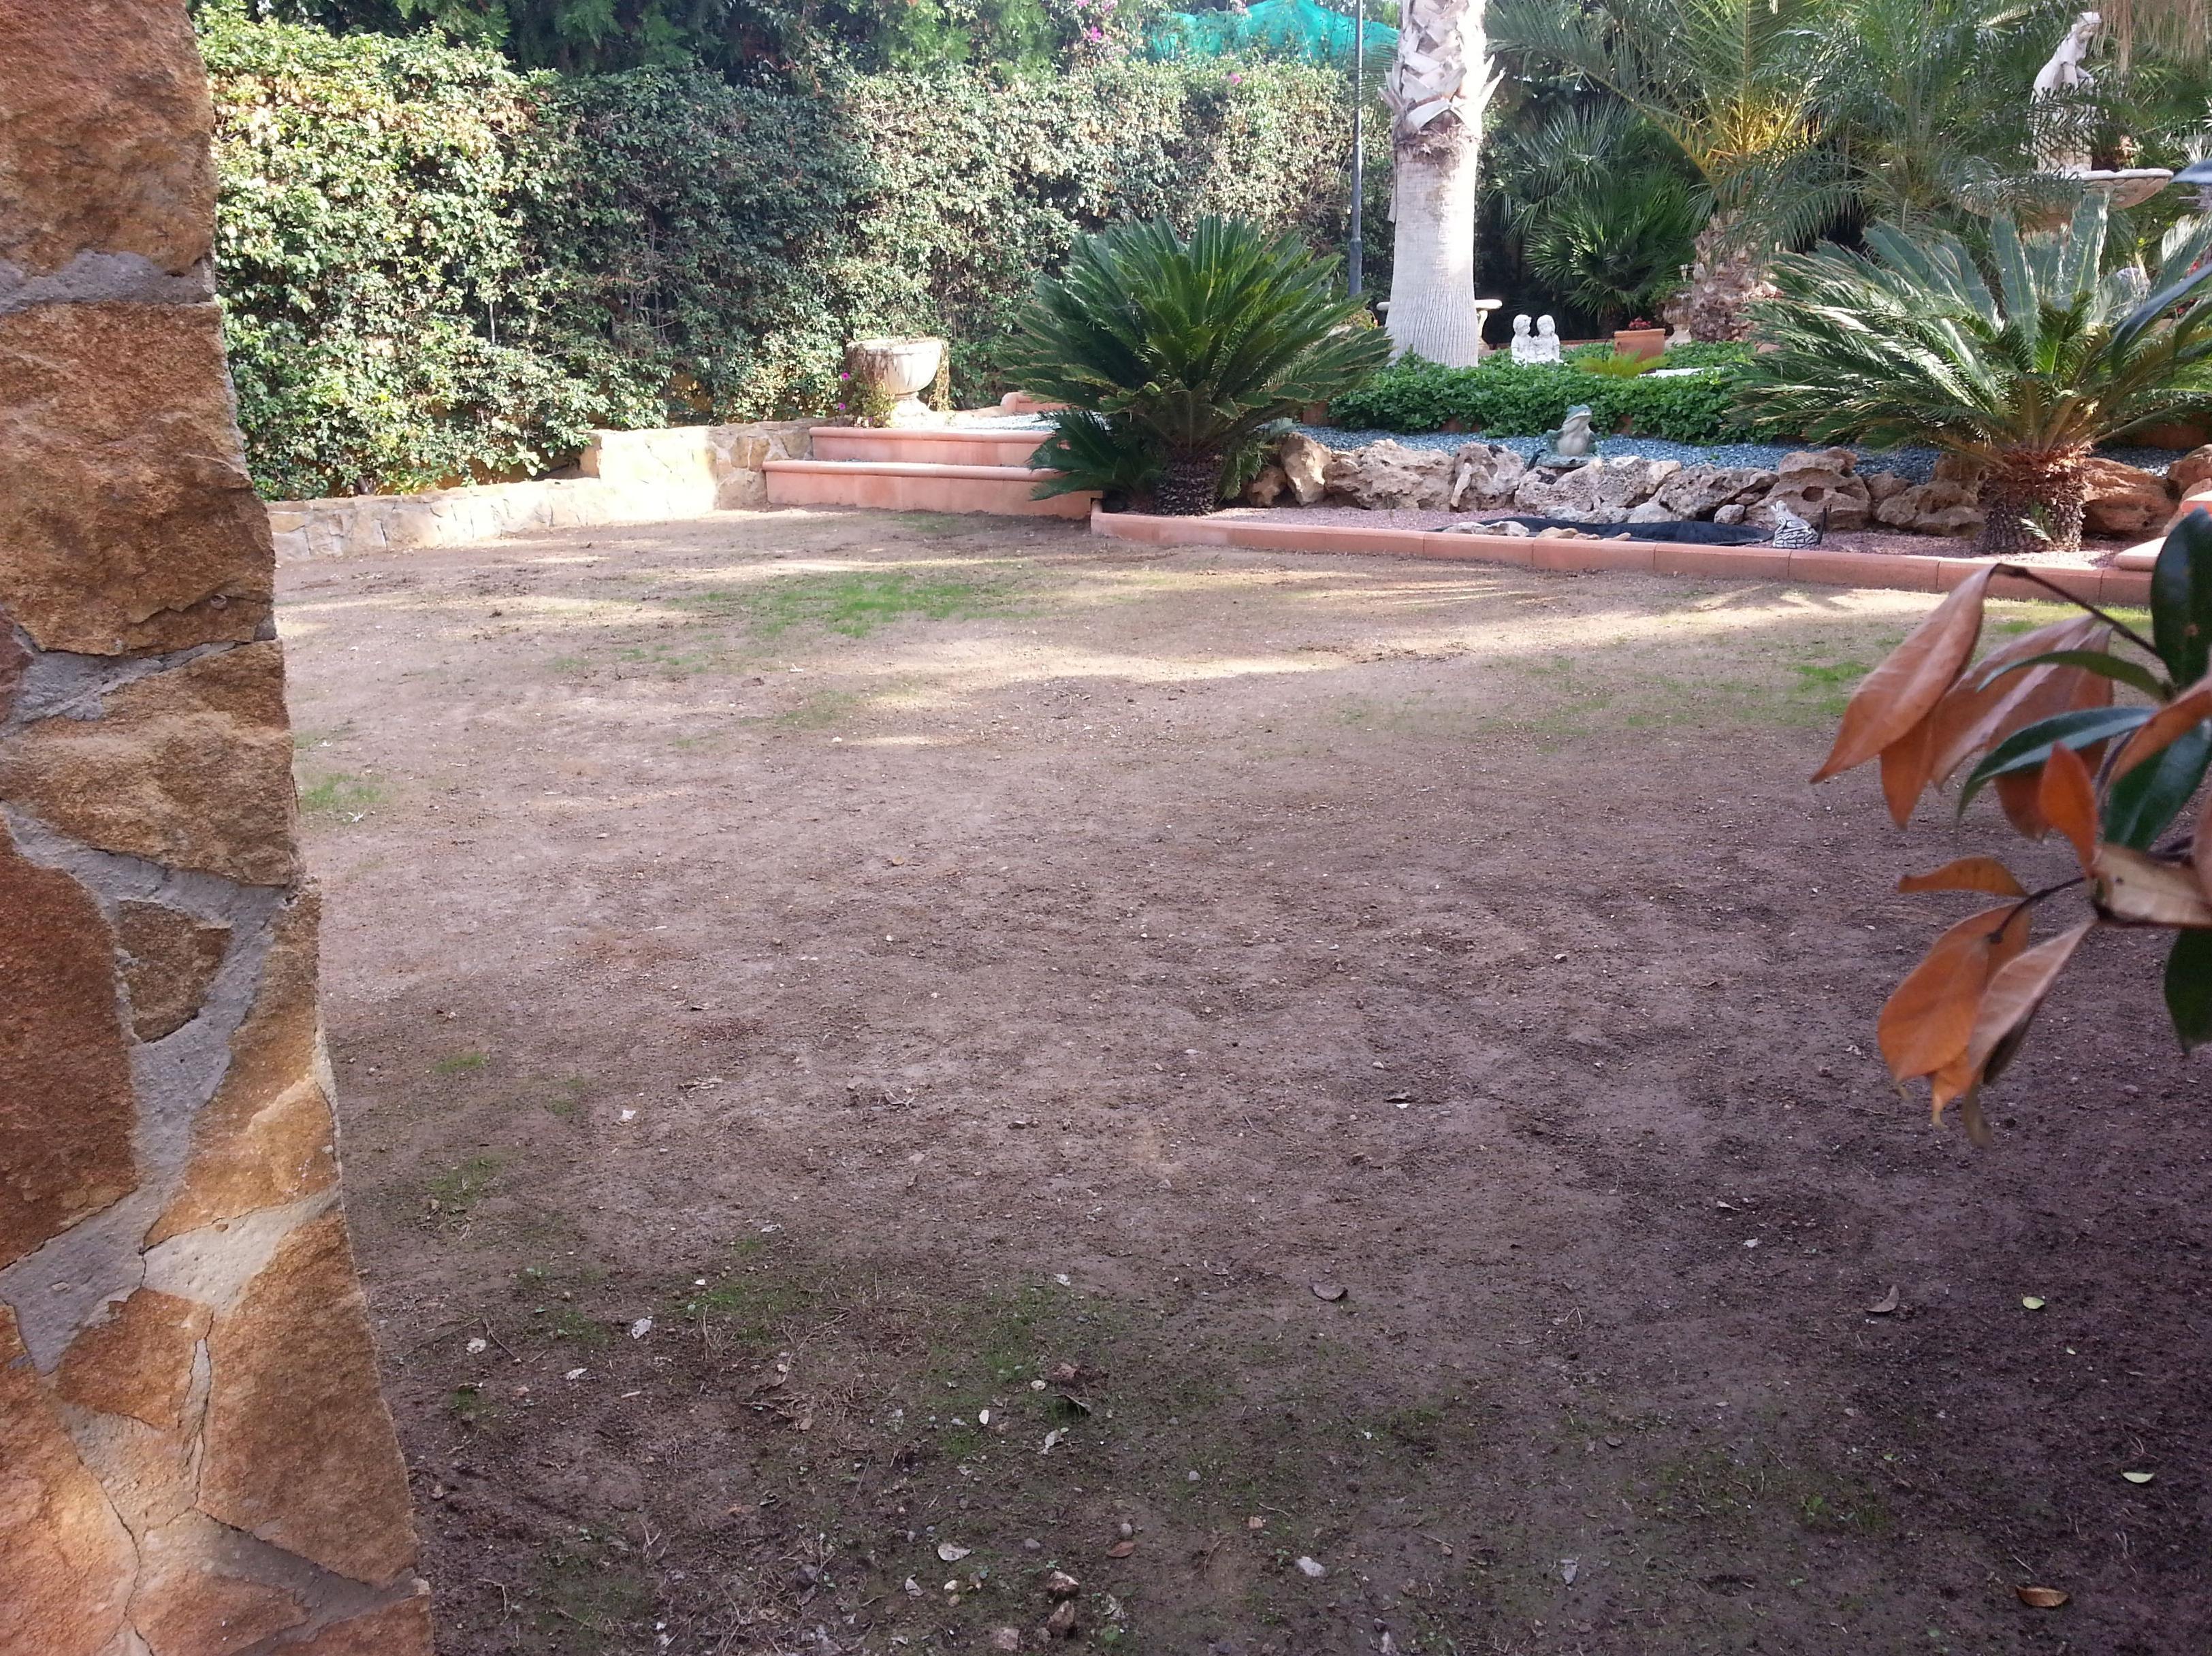 Jardín particular en Valencia con céspede artificial y zona de juegos, con columpio niños.